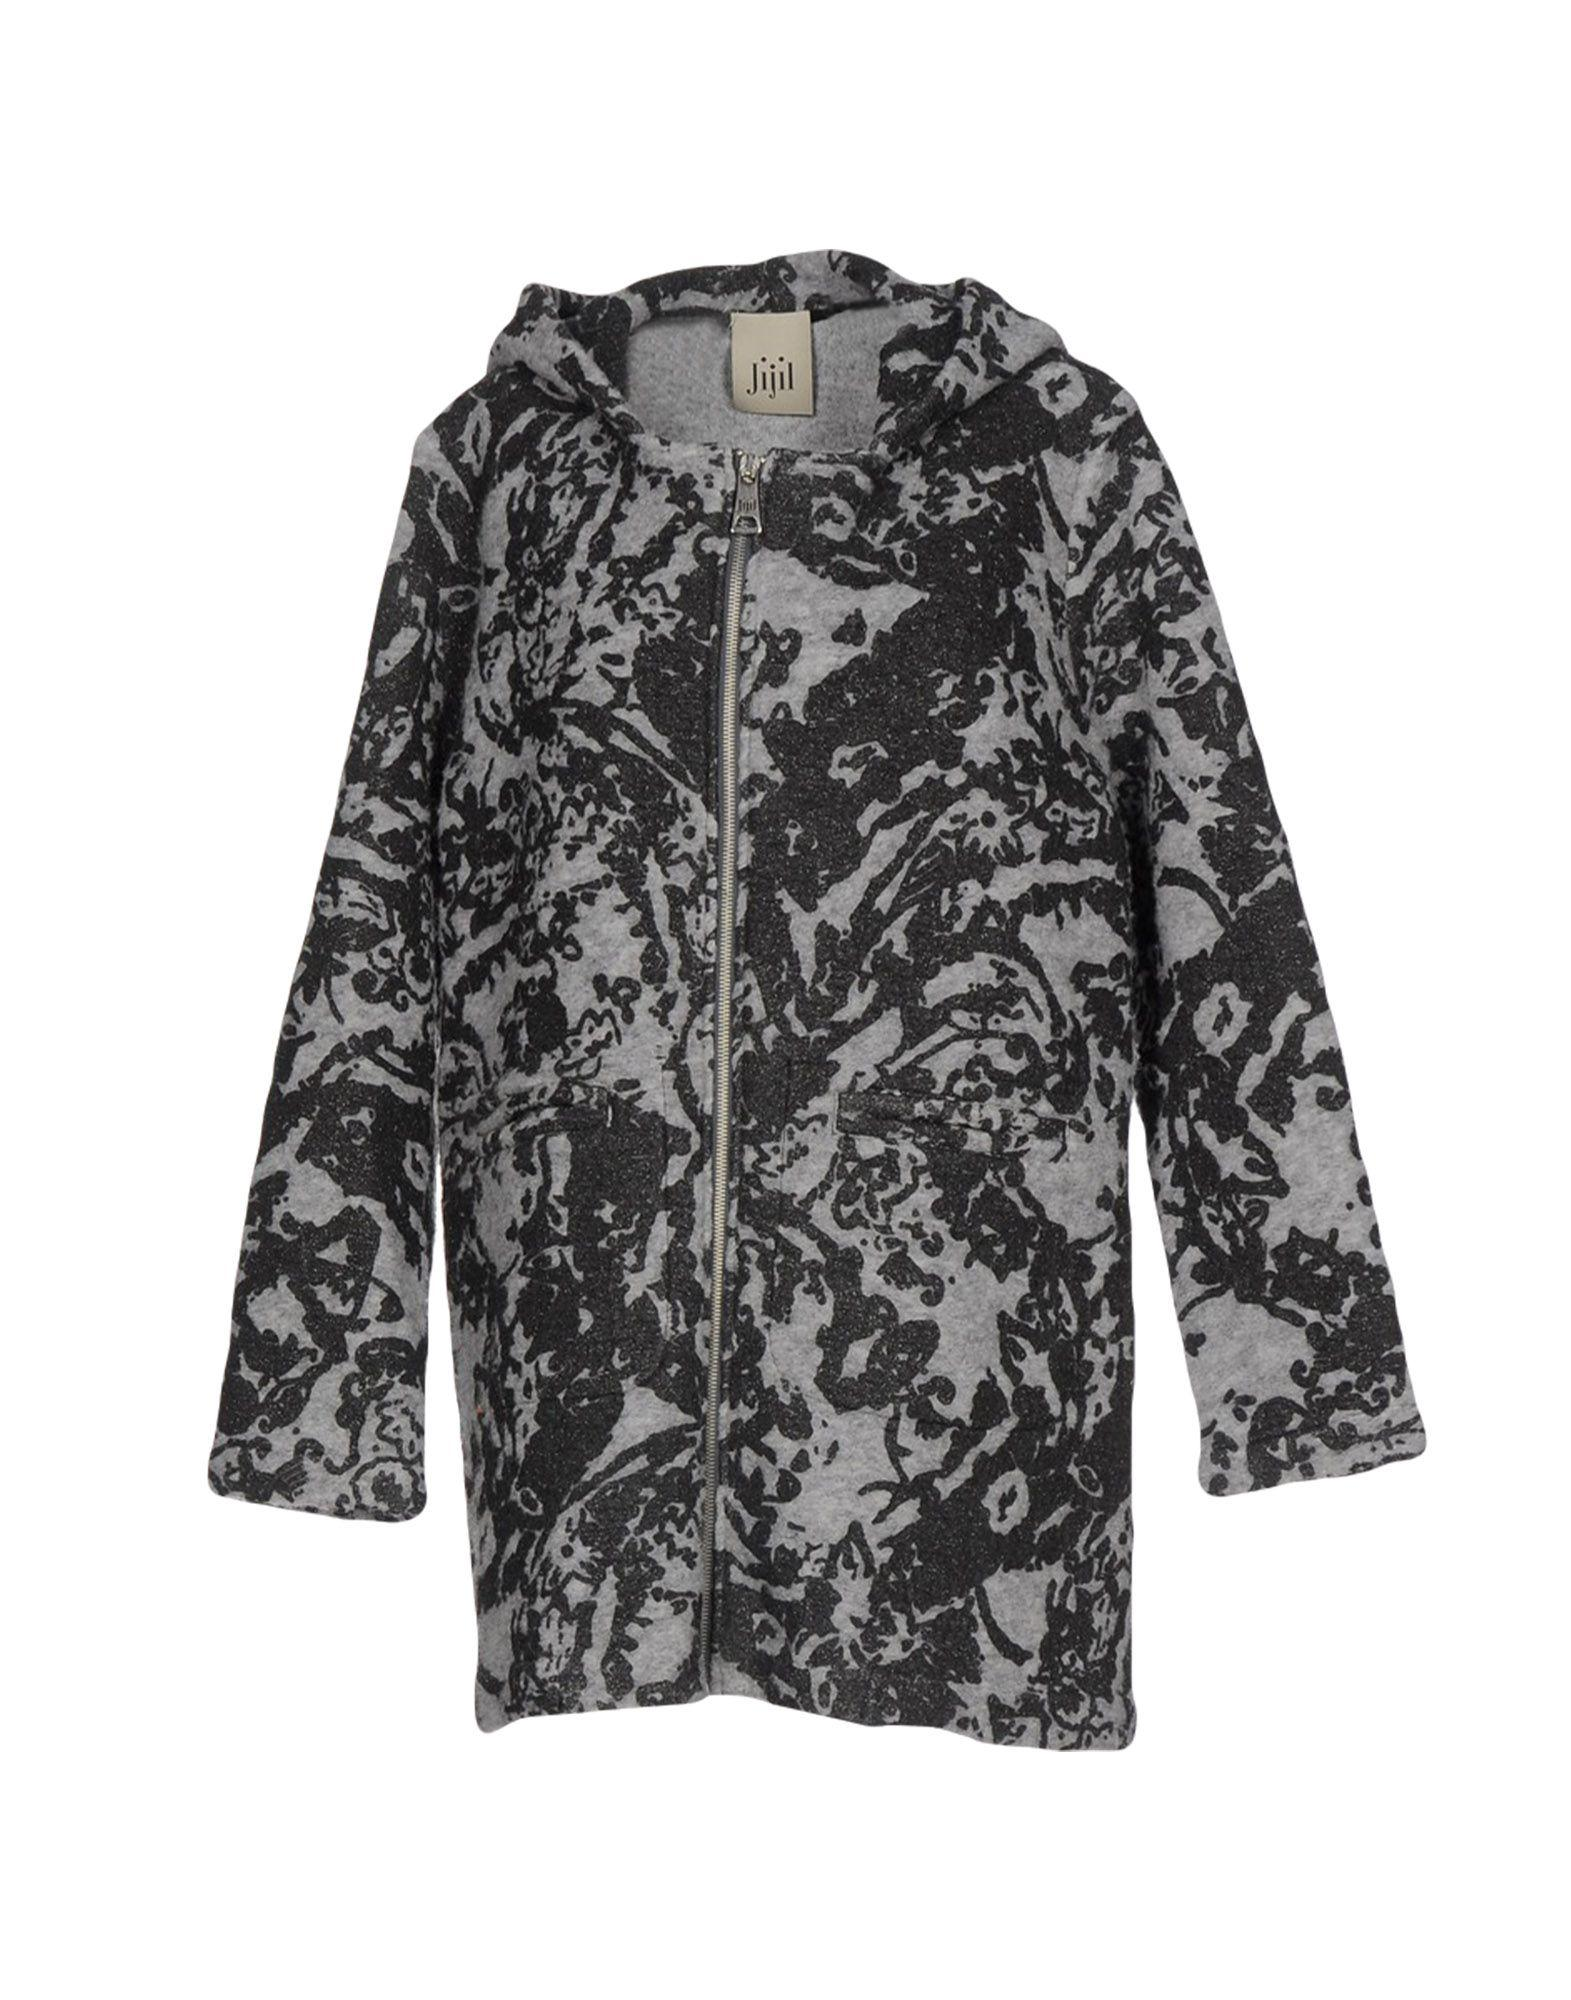 Jijil Coat In Grey